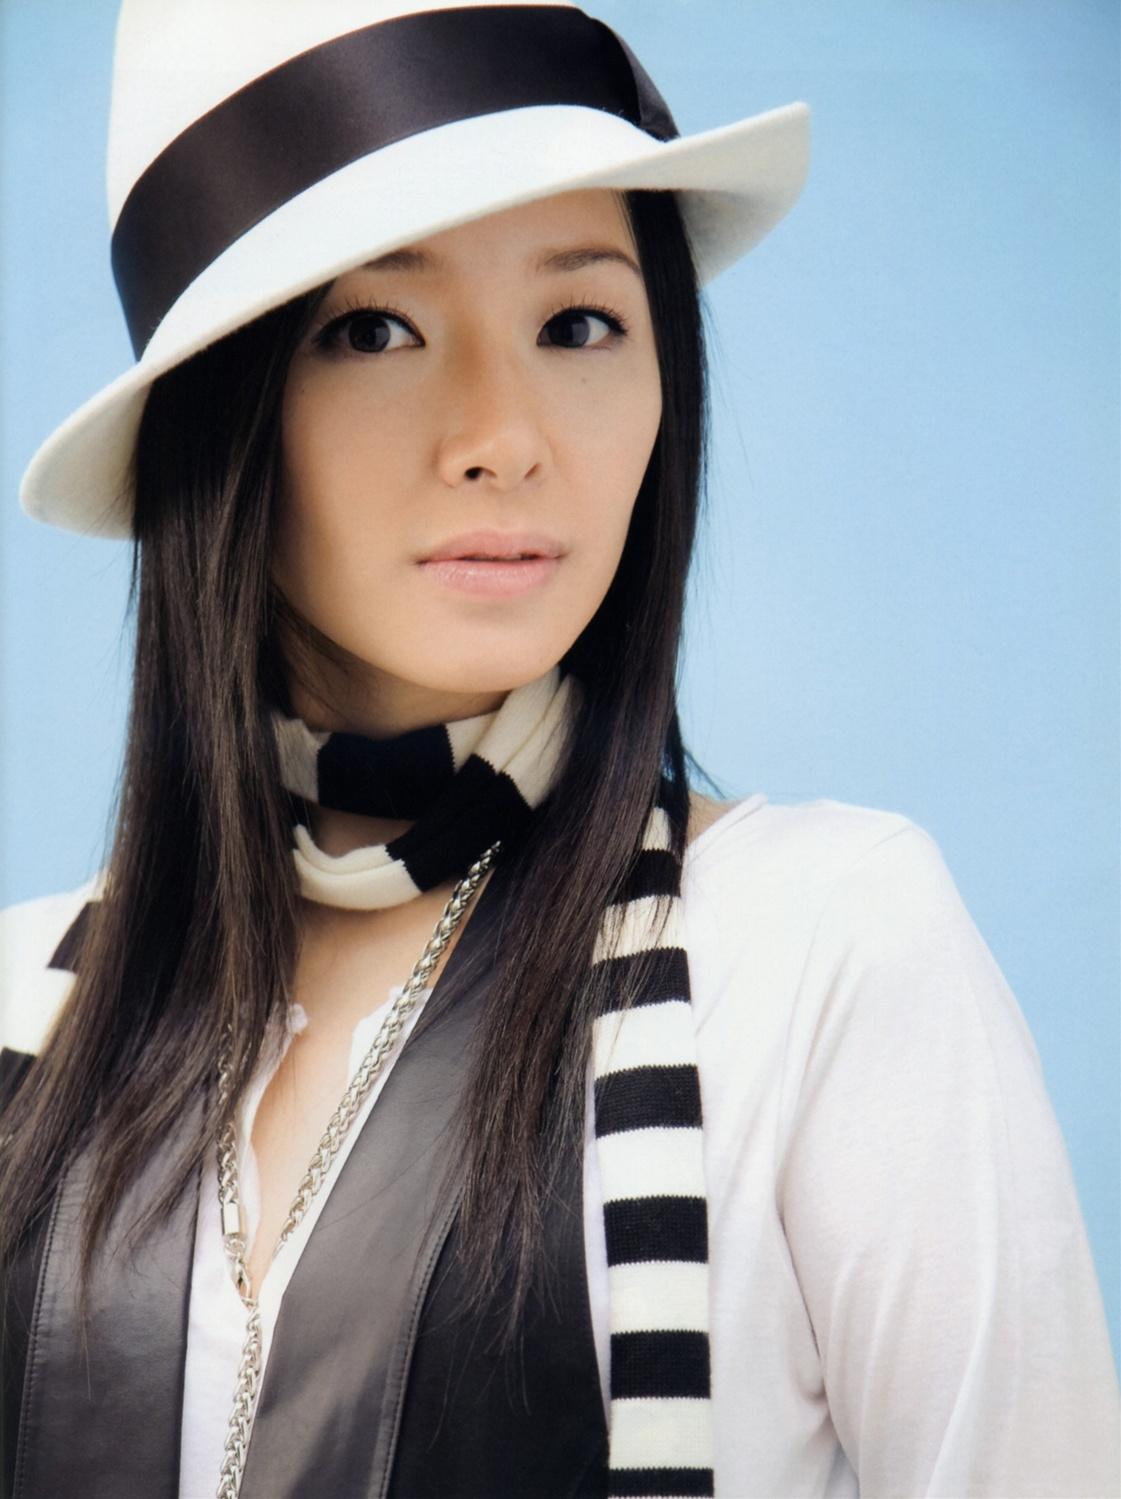 美人声優・田中理恵さんが結婚!!相手の男性は同じ声優っ??!!のサムネイル画像